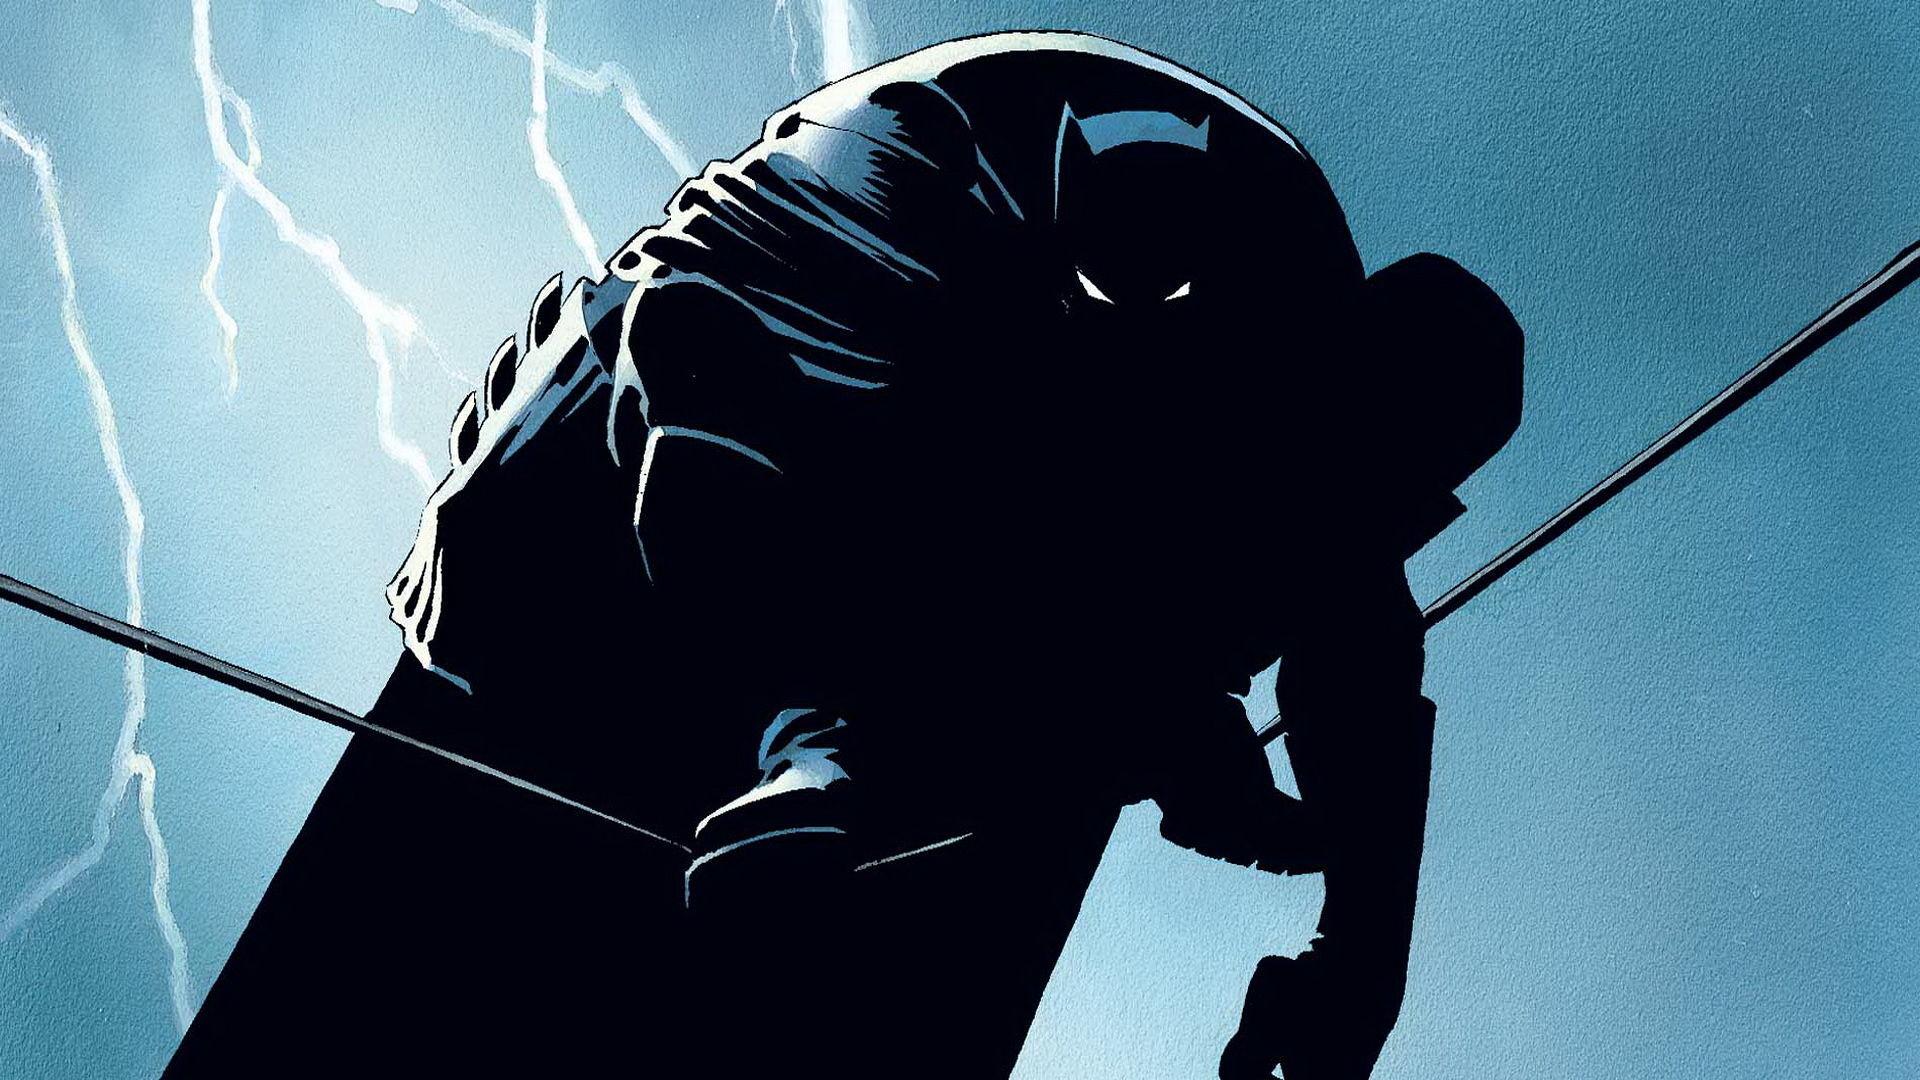 caballero oscuro vuelve - caballero oscuro vuelve fondo de pantalla -  1920x1080 - WallpaperTip